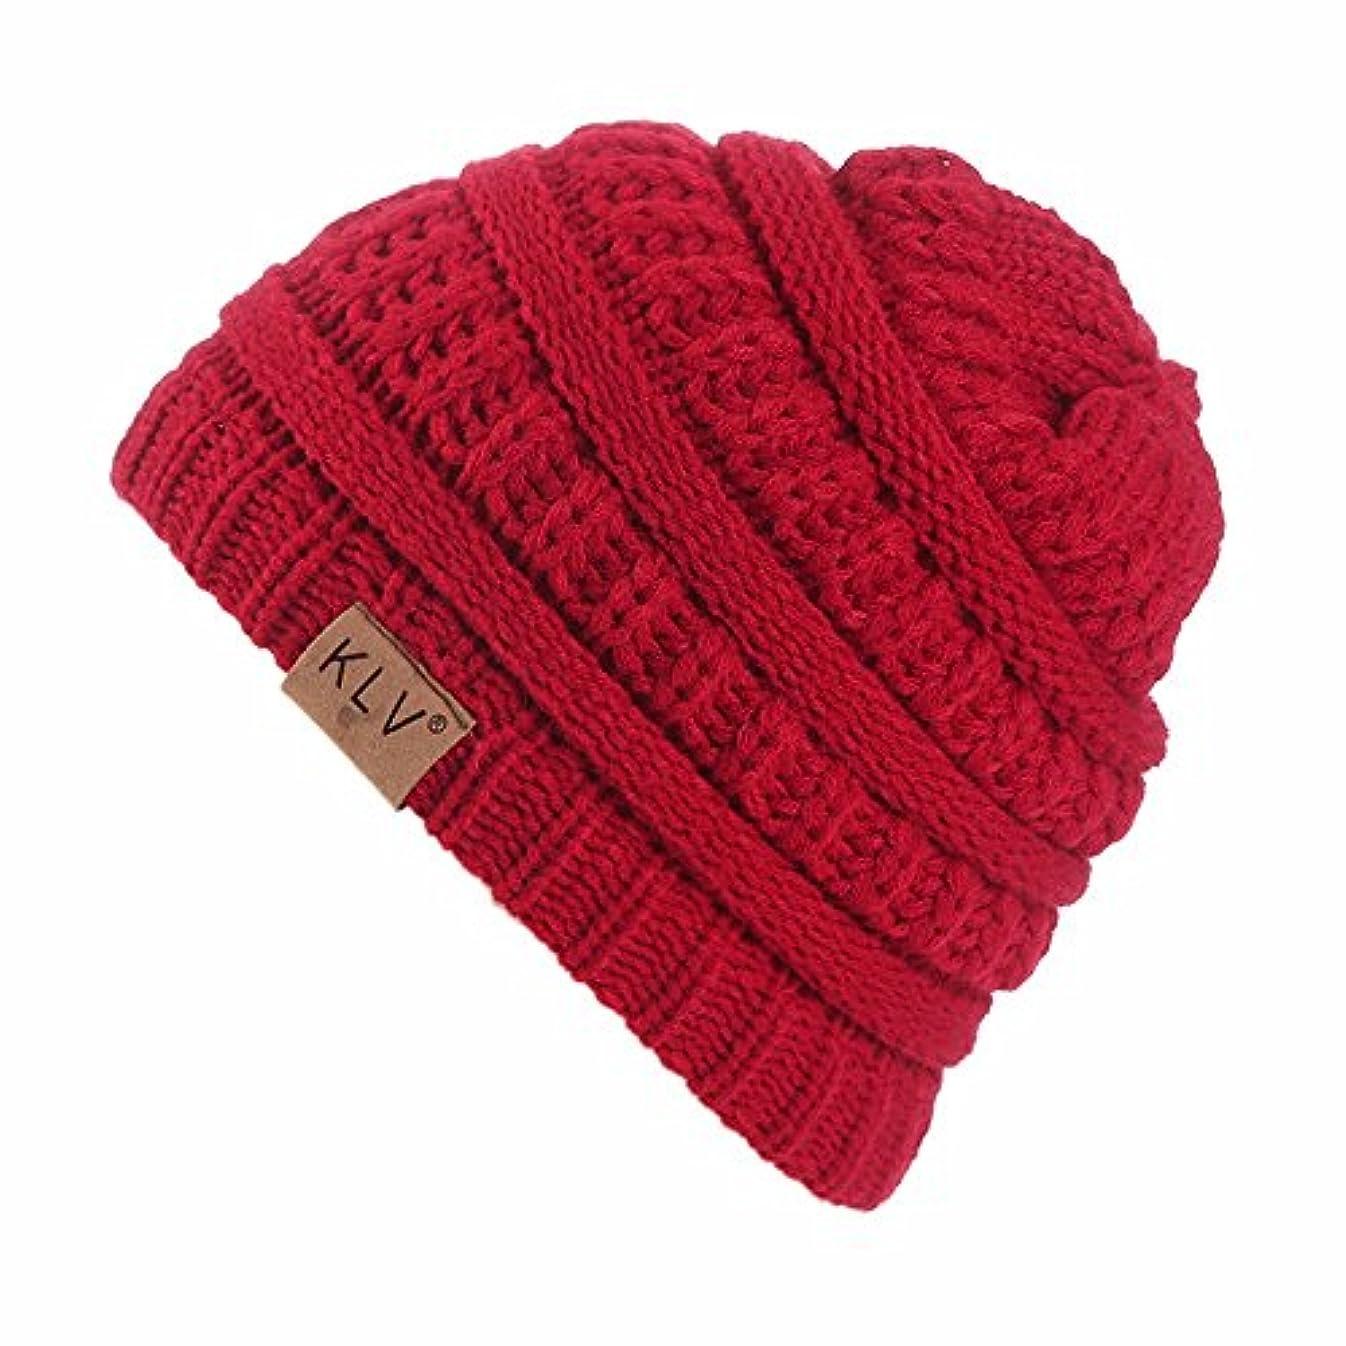 いつも帽子注釈を付けるRacazing クリスマス Hat 選べる6 色 編み物 ニット帽 子供用 通気性のある 男女兼用 防風防寒对策 ニット帽 暖かい 軽量 屋外 クリスマス Unisex Cap (ワイン)